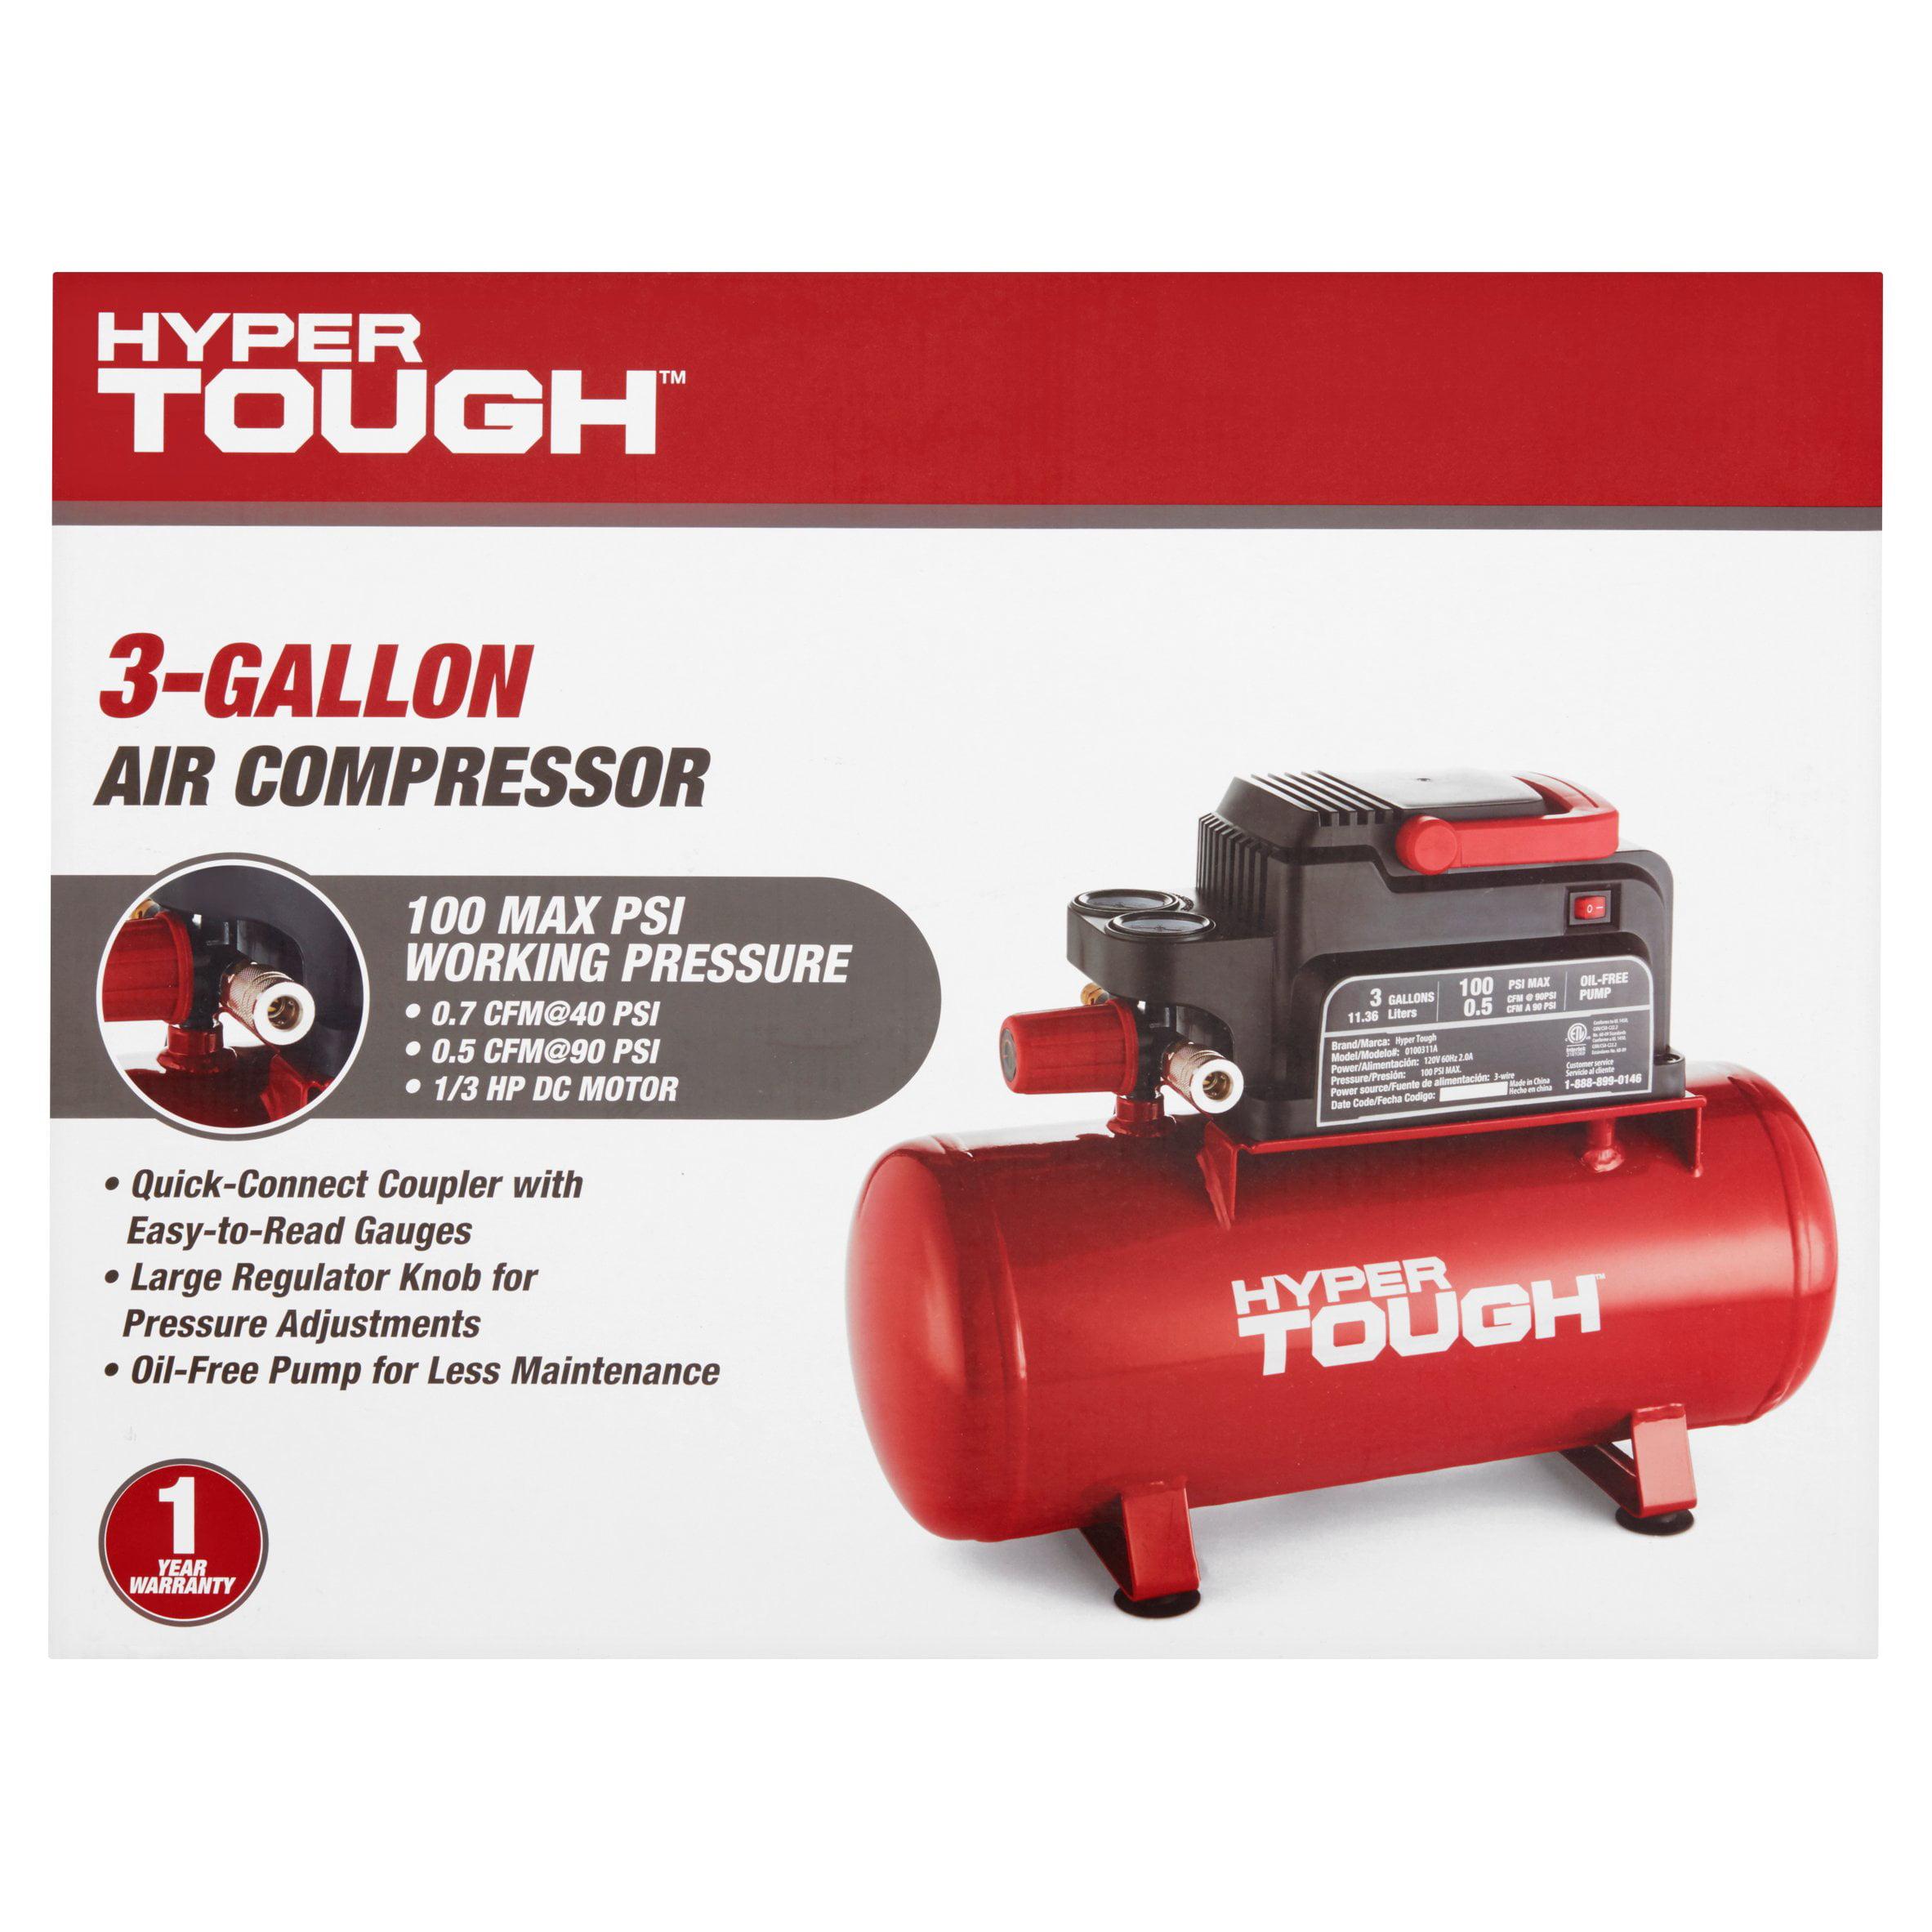 Hyper Tough 3-Gallon Air Compressor - Walmart com